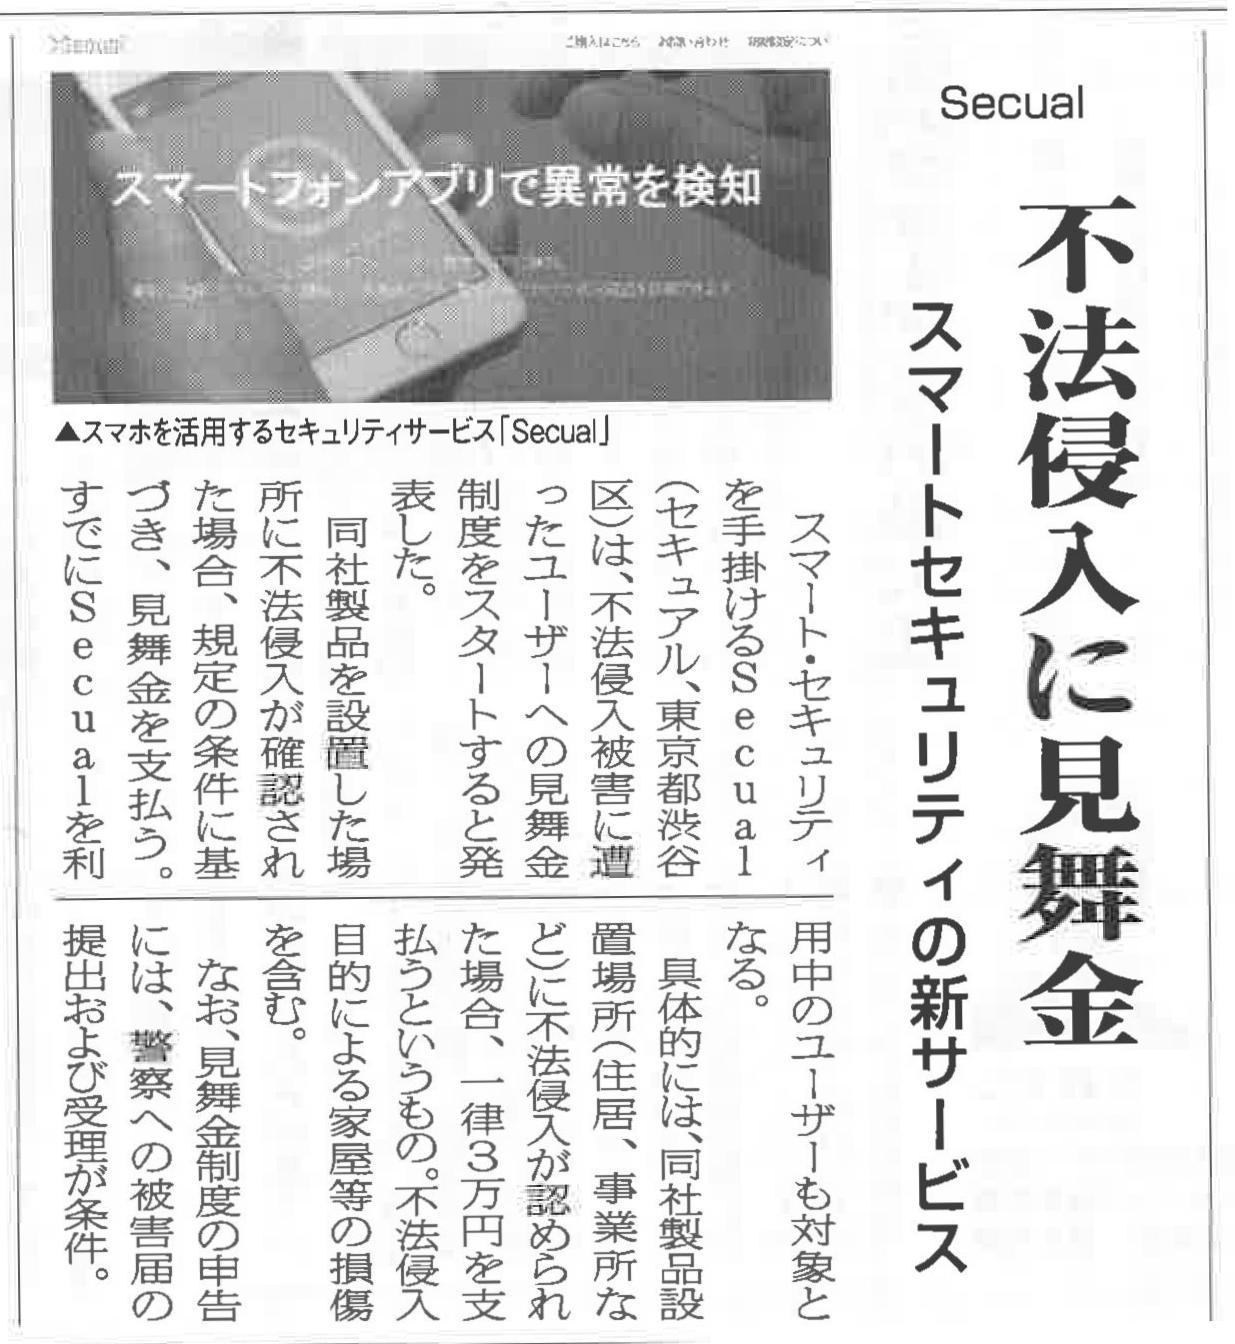 リフォーム産業新聞掲載(2016/11/21)